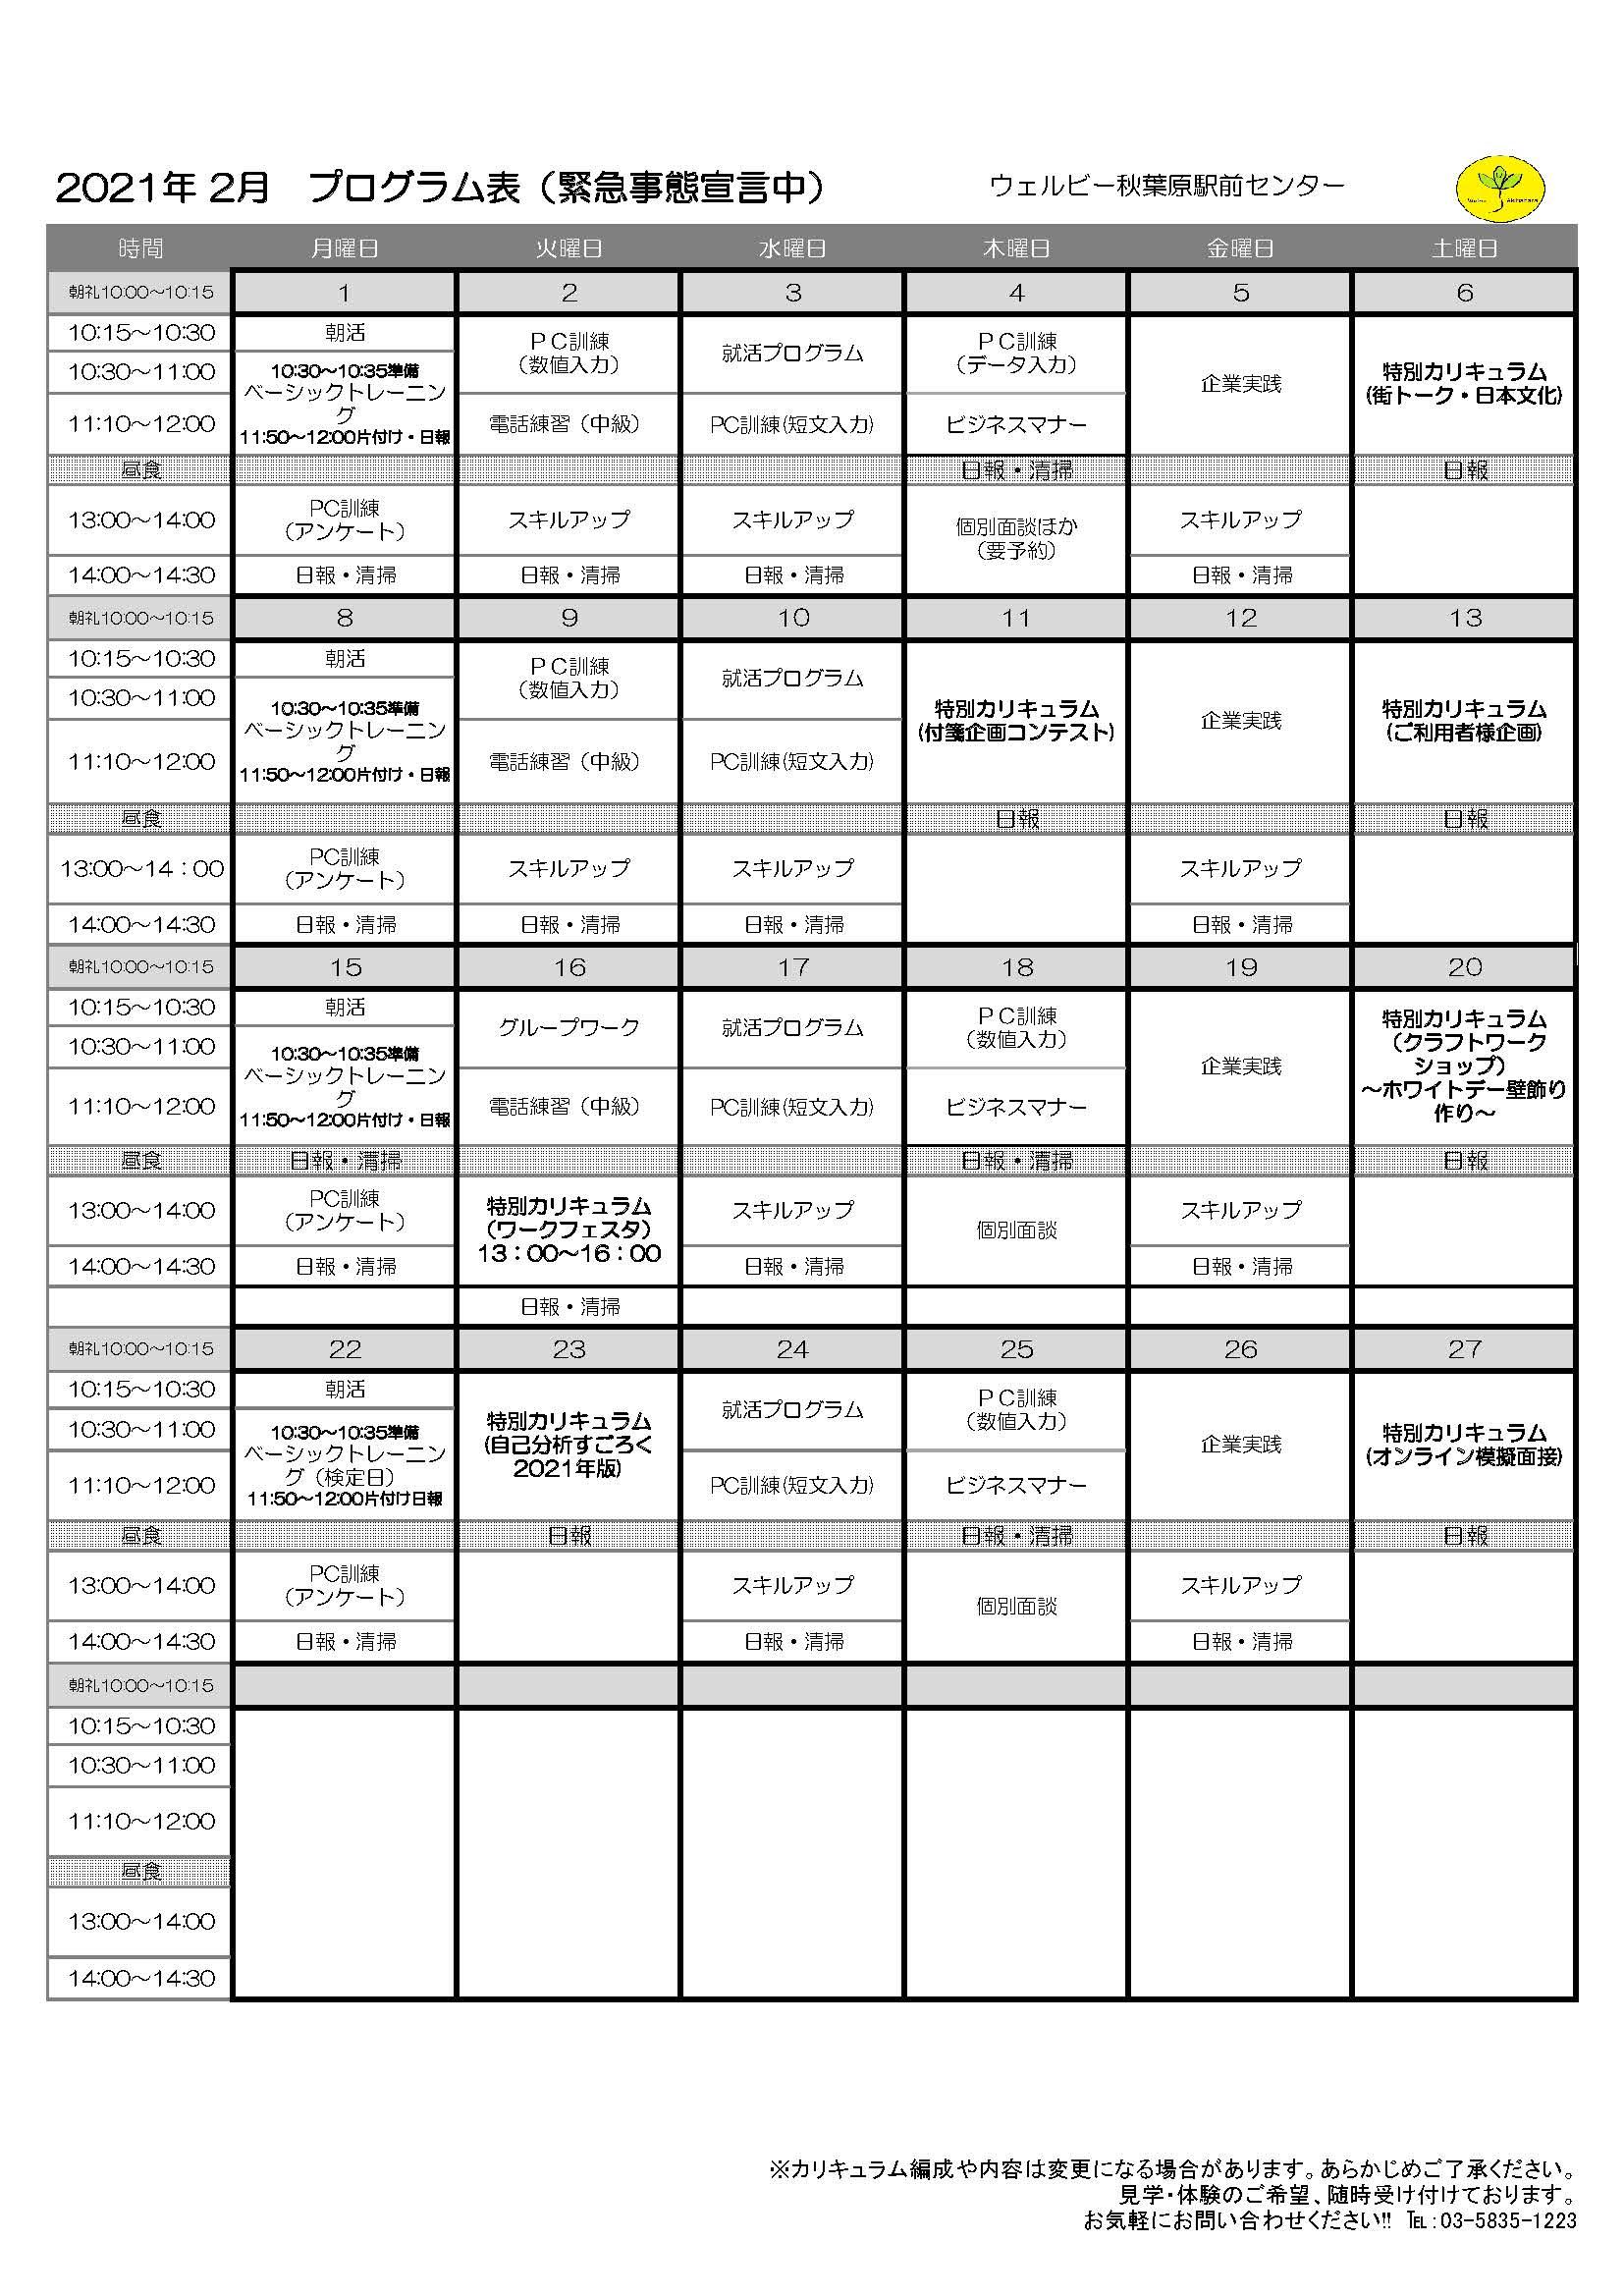 月間プログラム表(202102)